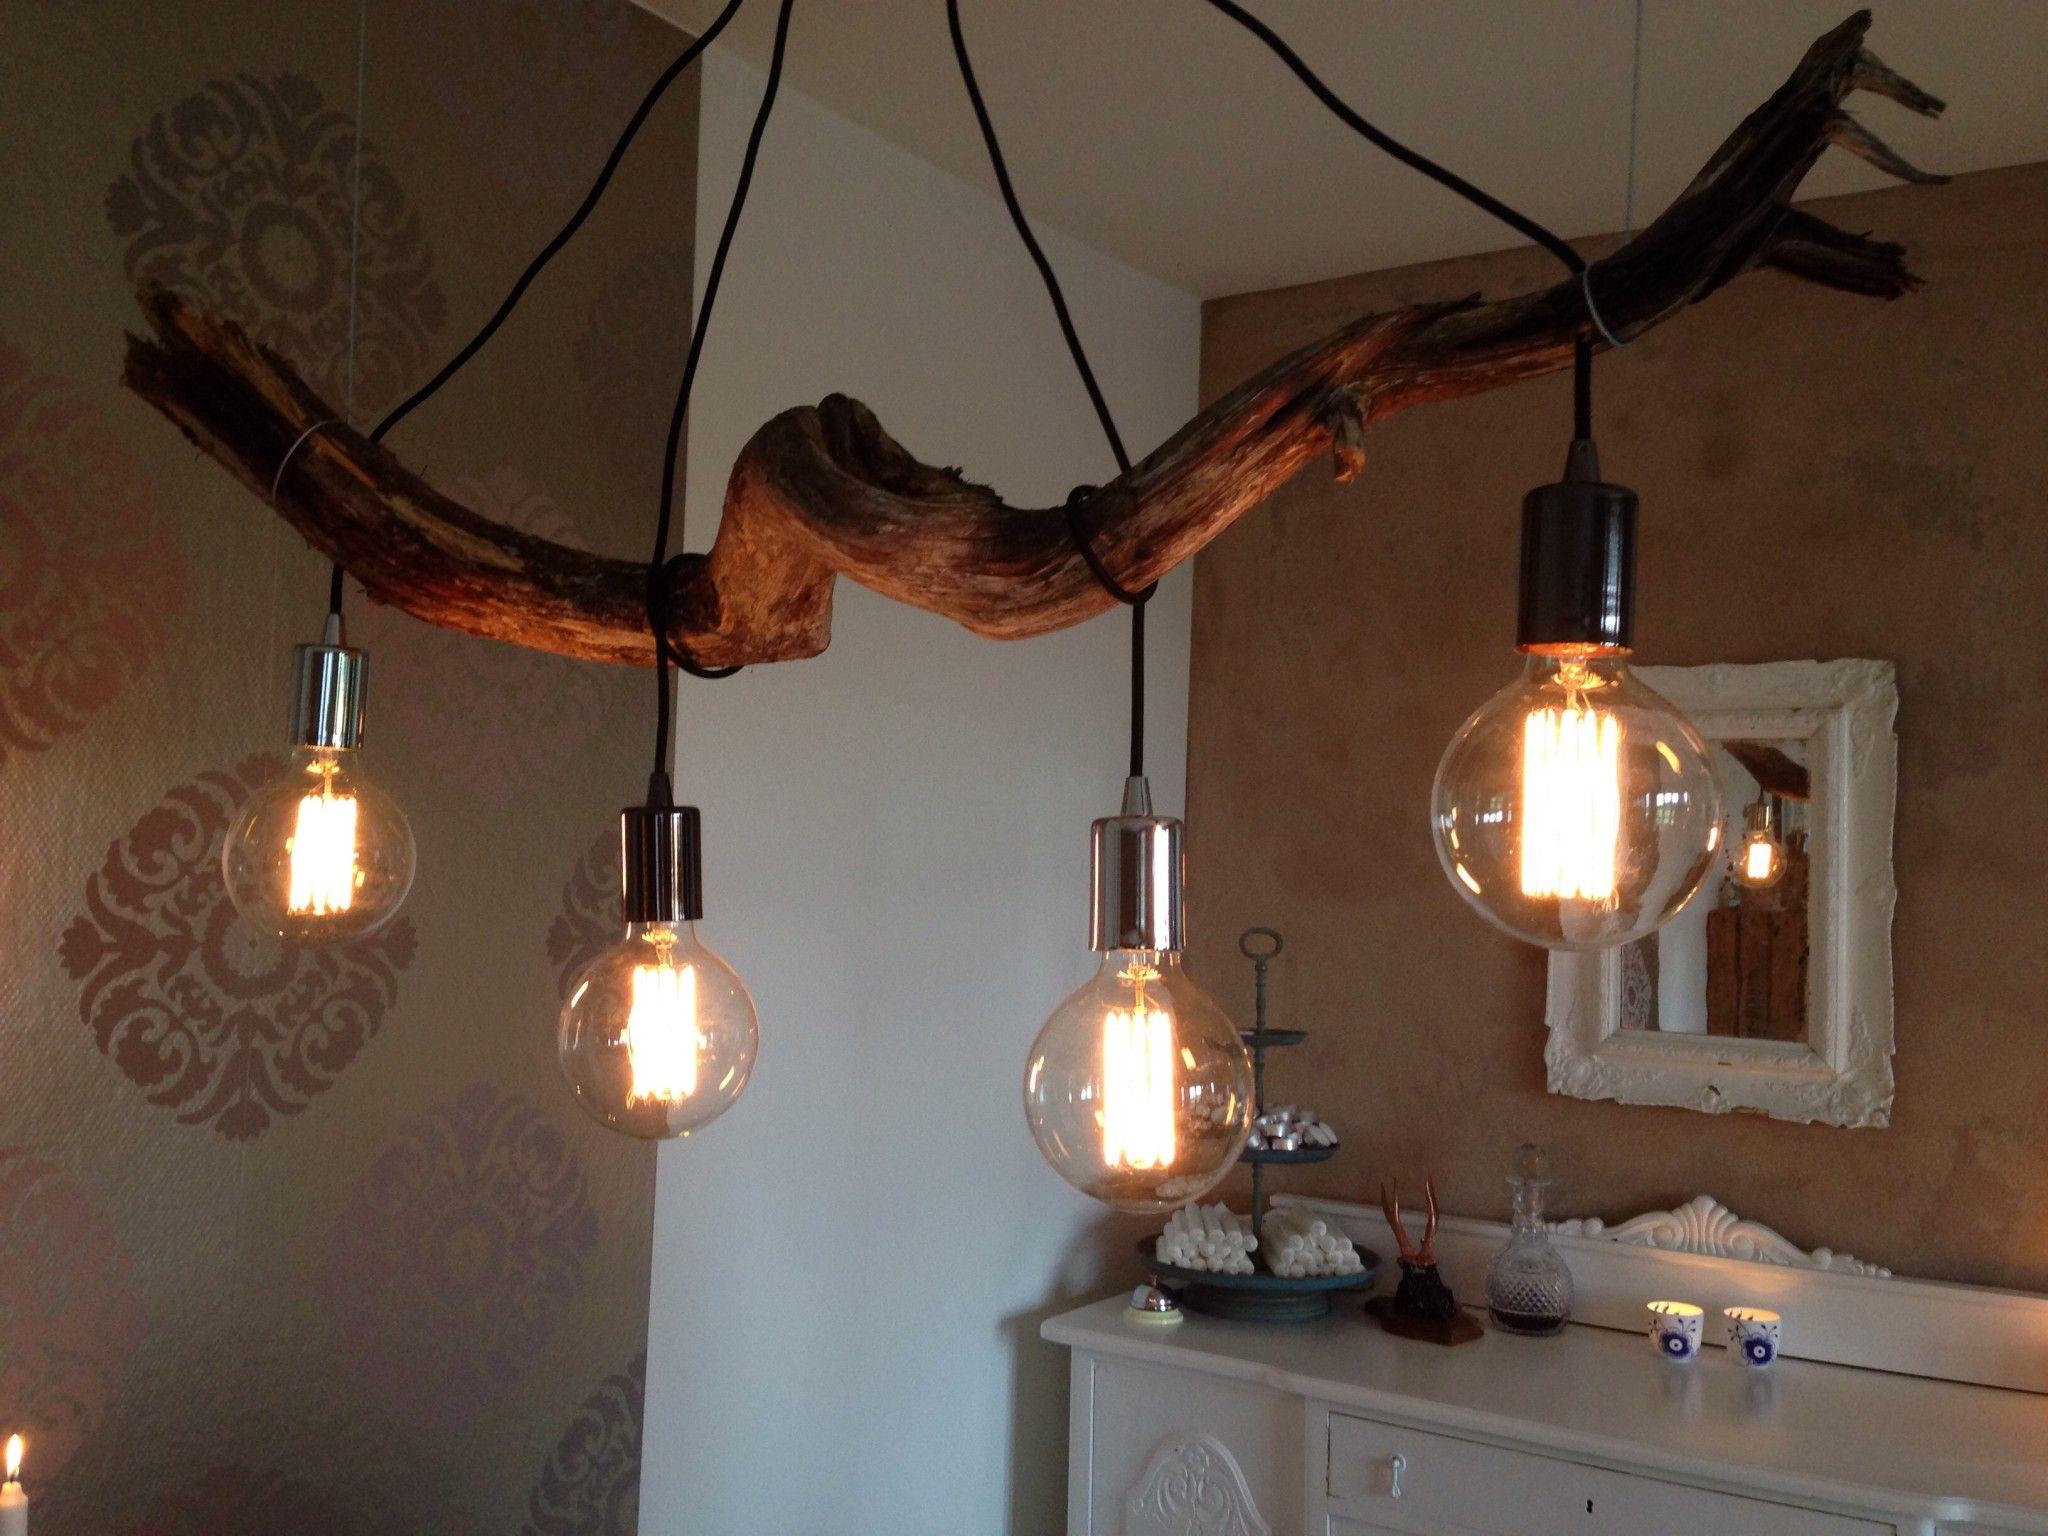 Badezimmerlampe Decke ~ Lækker diy lampe til spisebordet jeg elsker bare diy projekter